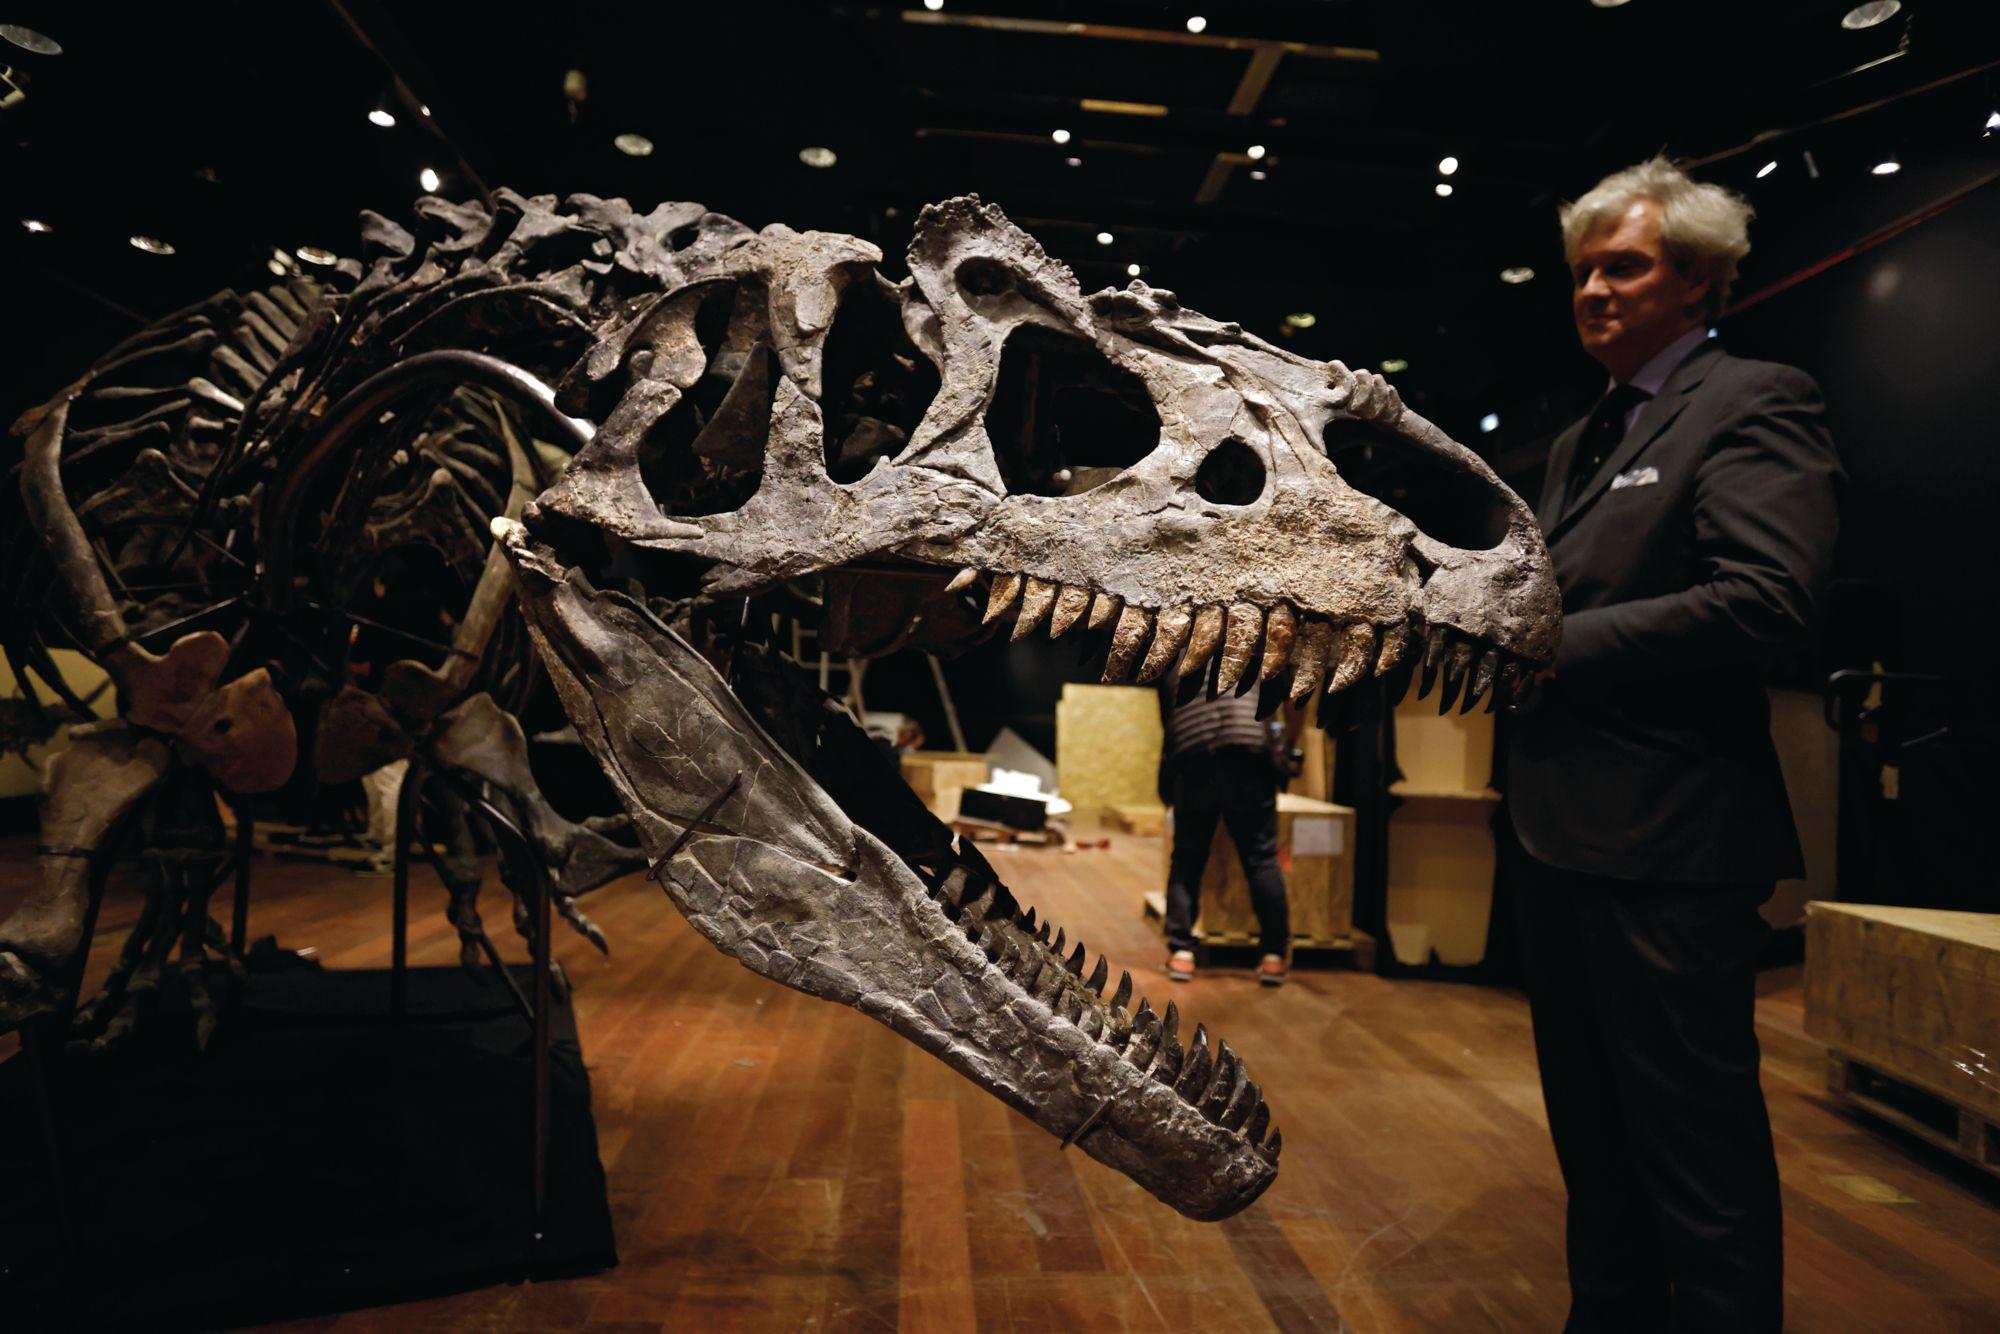 今年十月,巴黎的拍賣會上以300萬歐元售出了一個十公尺長的異龍化石,它是暴龍體型較小的近親(Photo: Image Thomas Coex/AFP)